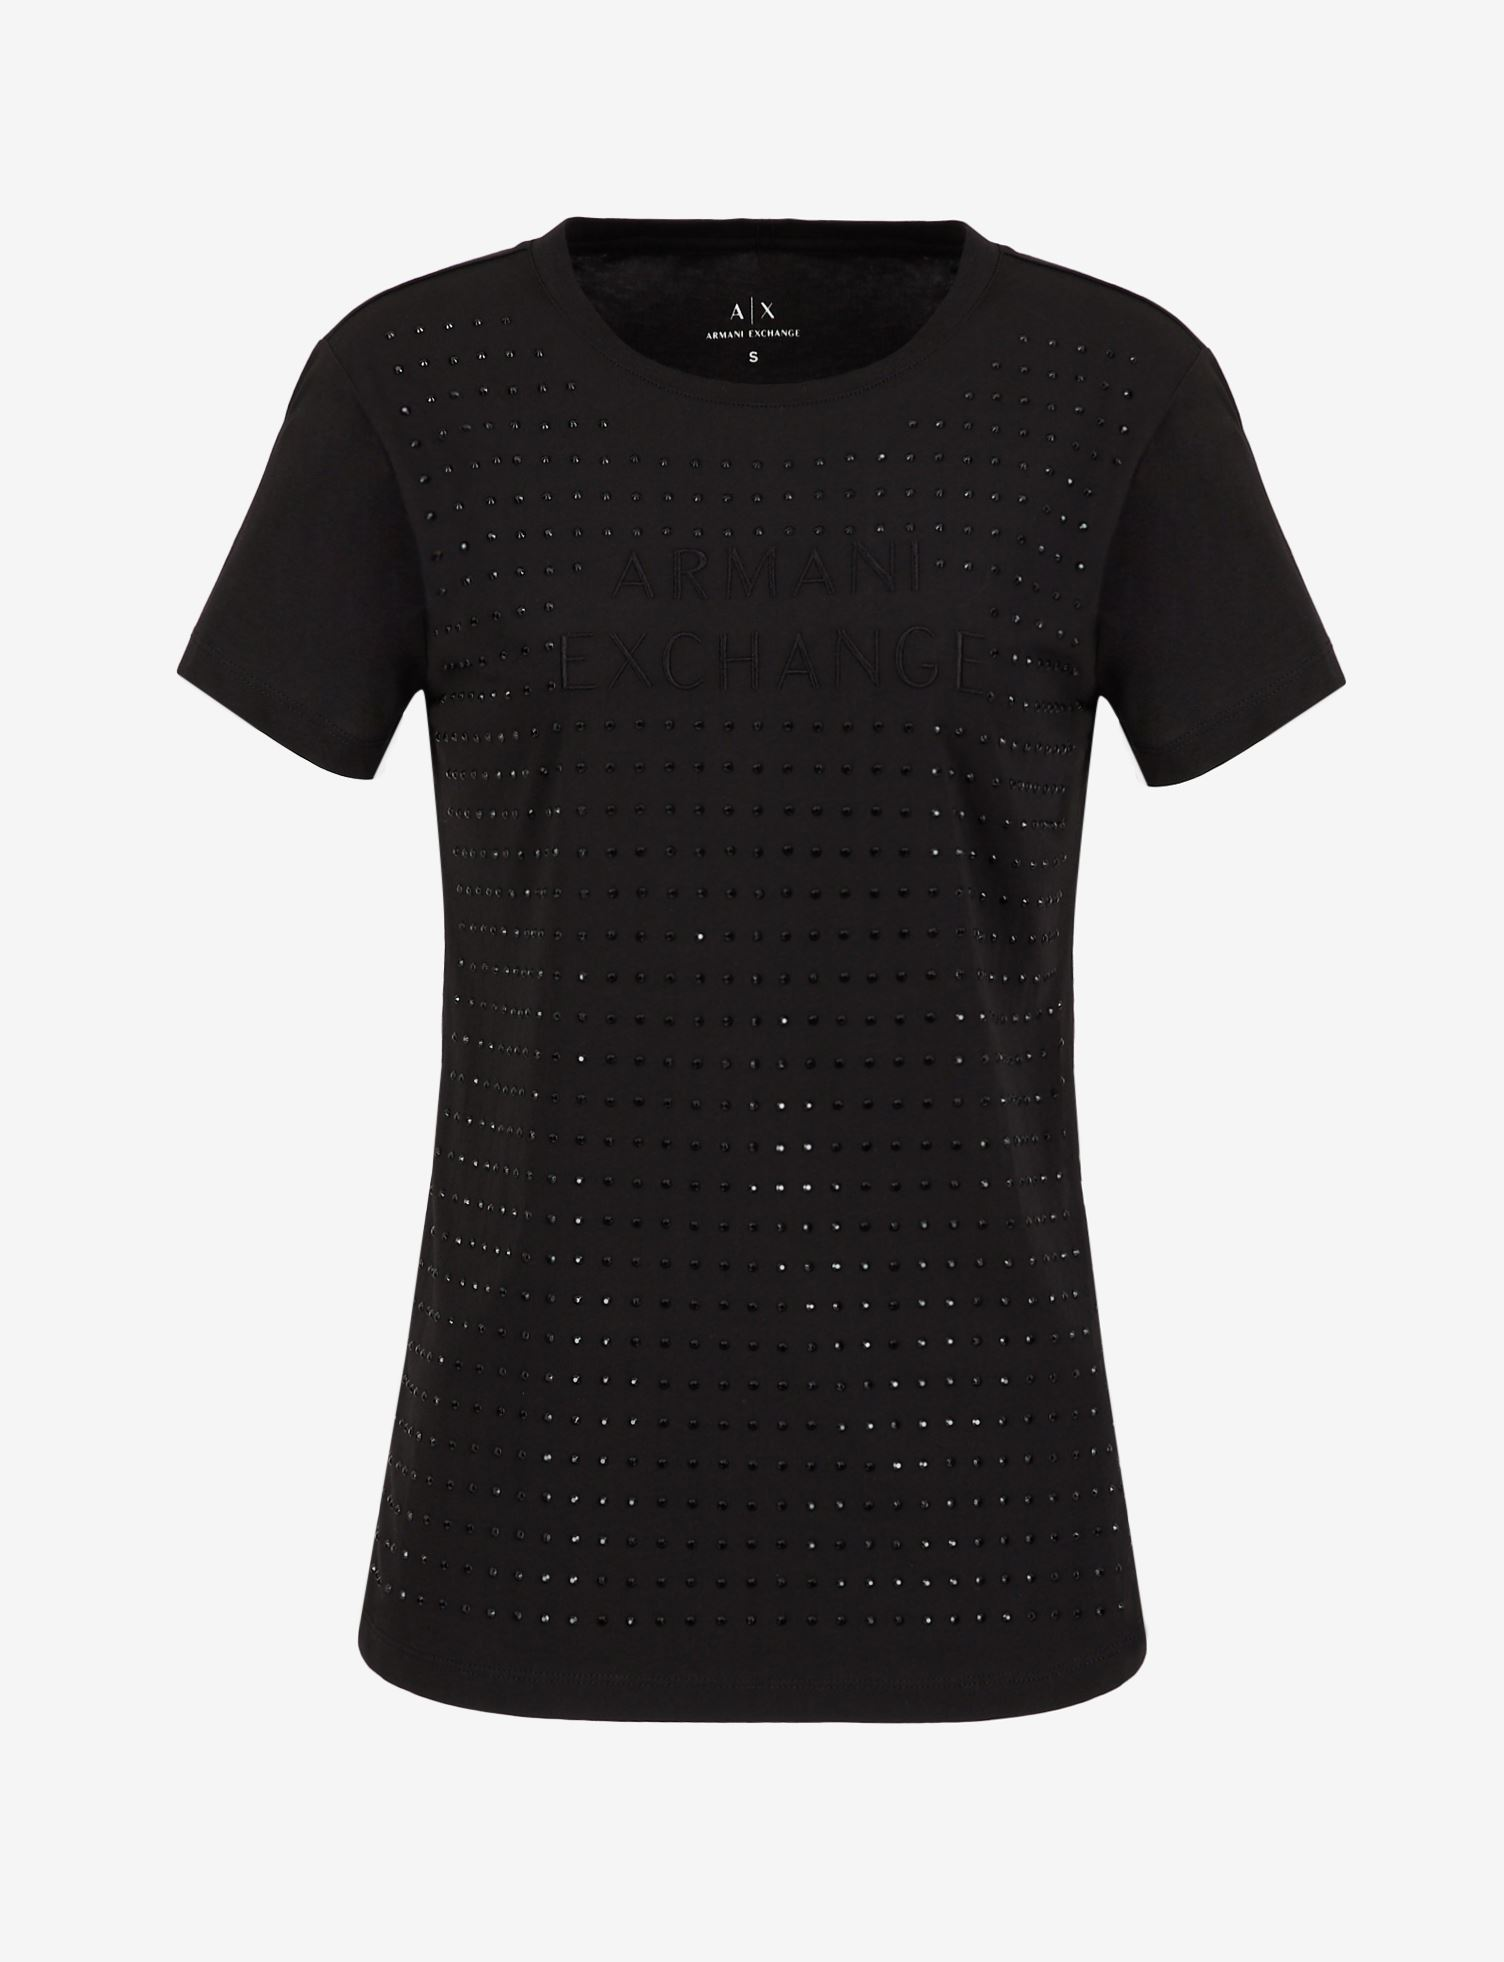 T-shirt donna ARMANI EXCHANGE borchiette